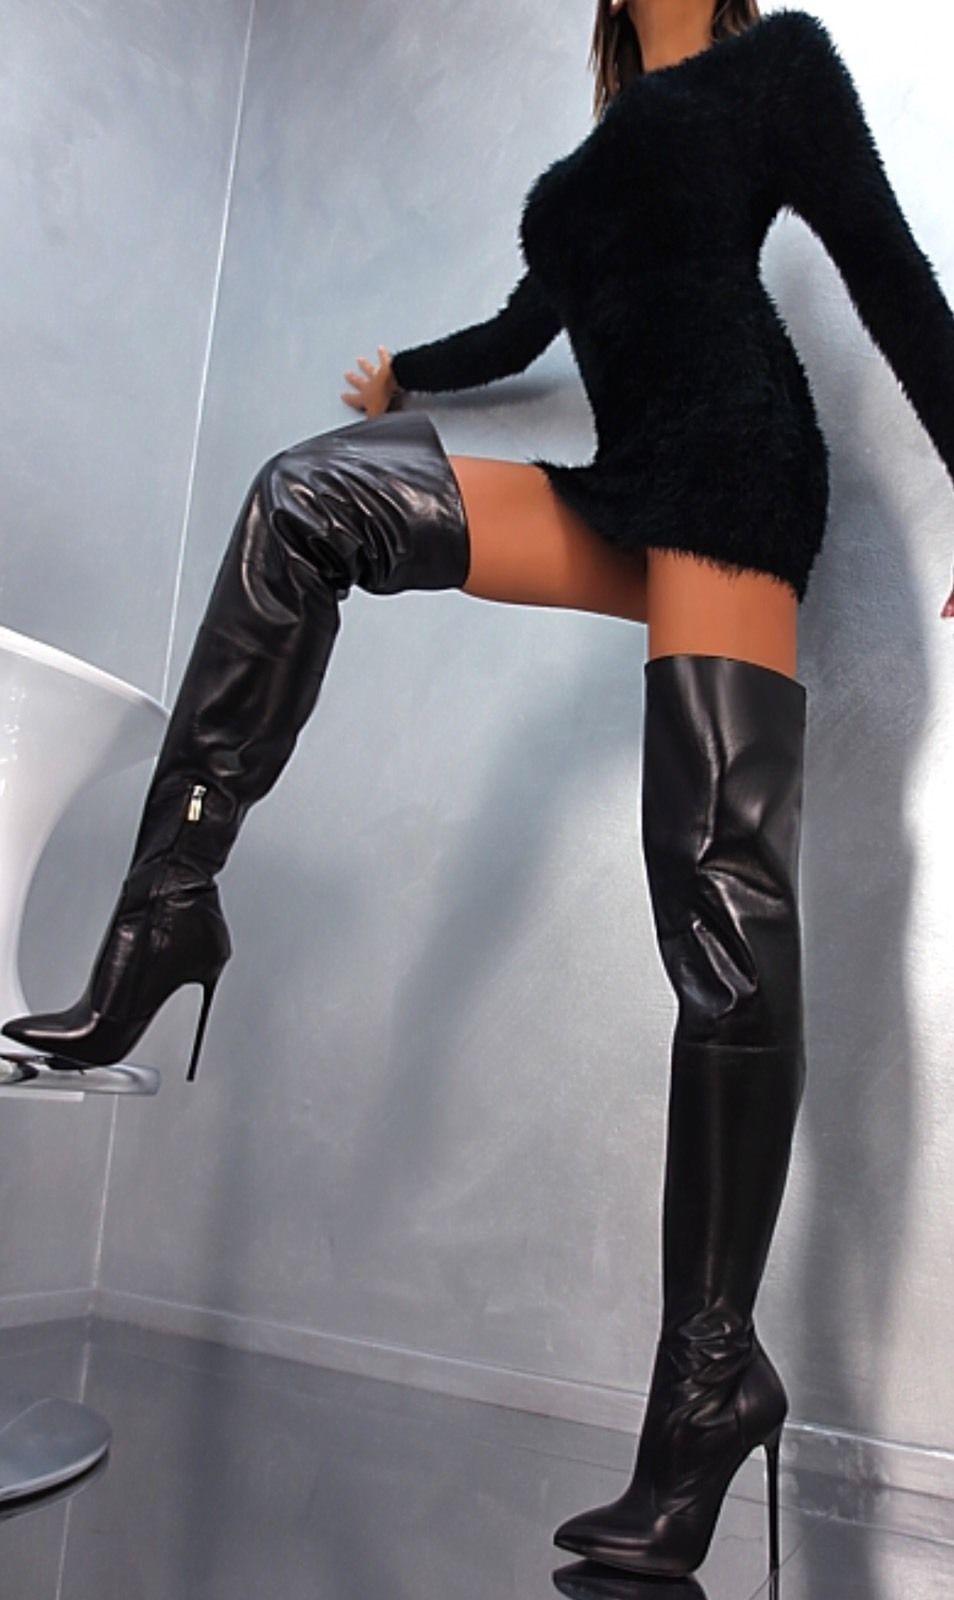 nib 1969 italia black napa leather thigh high boots